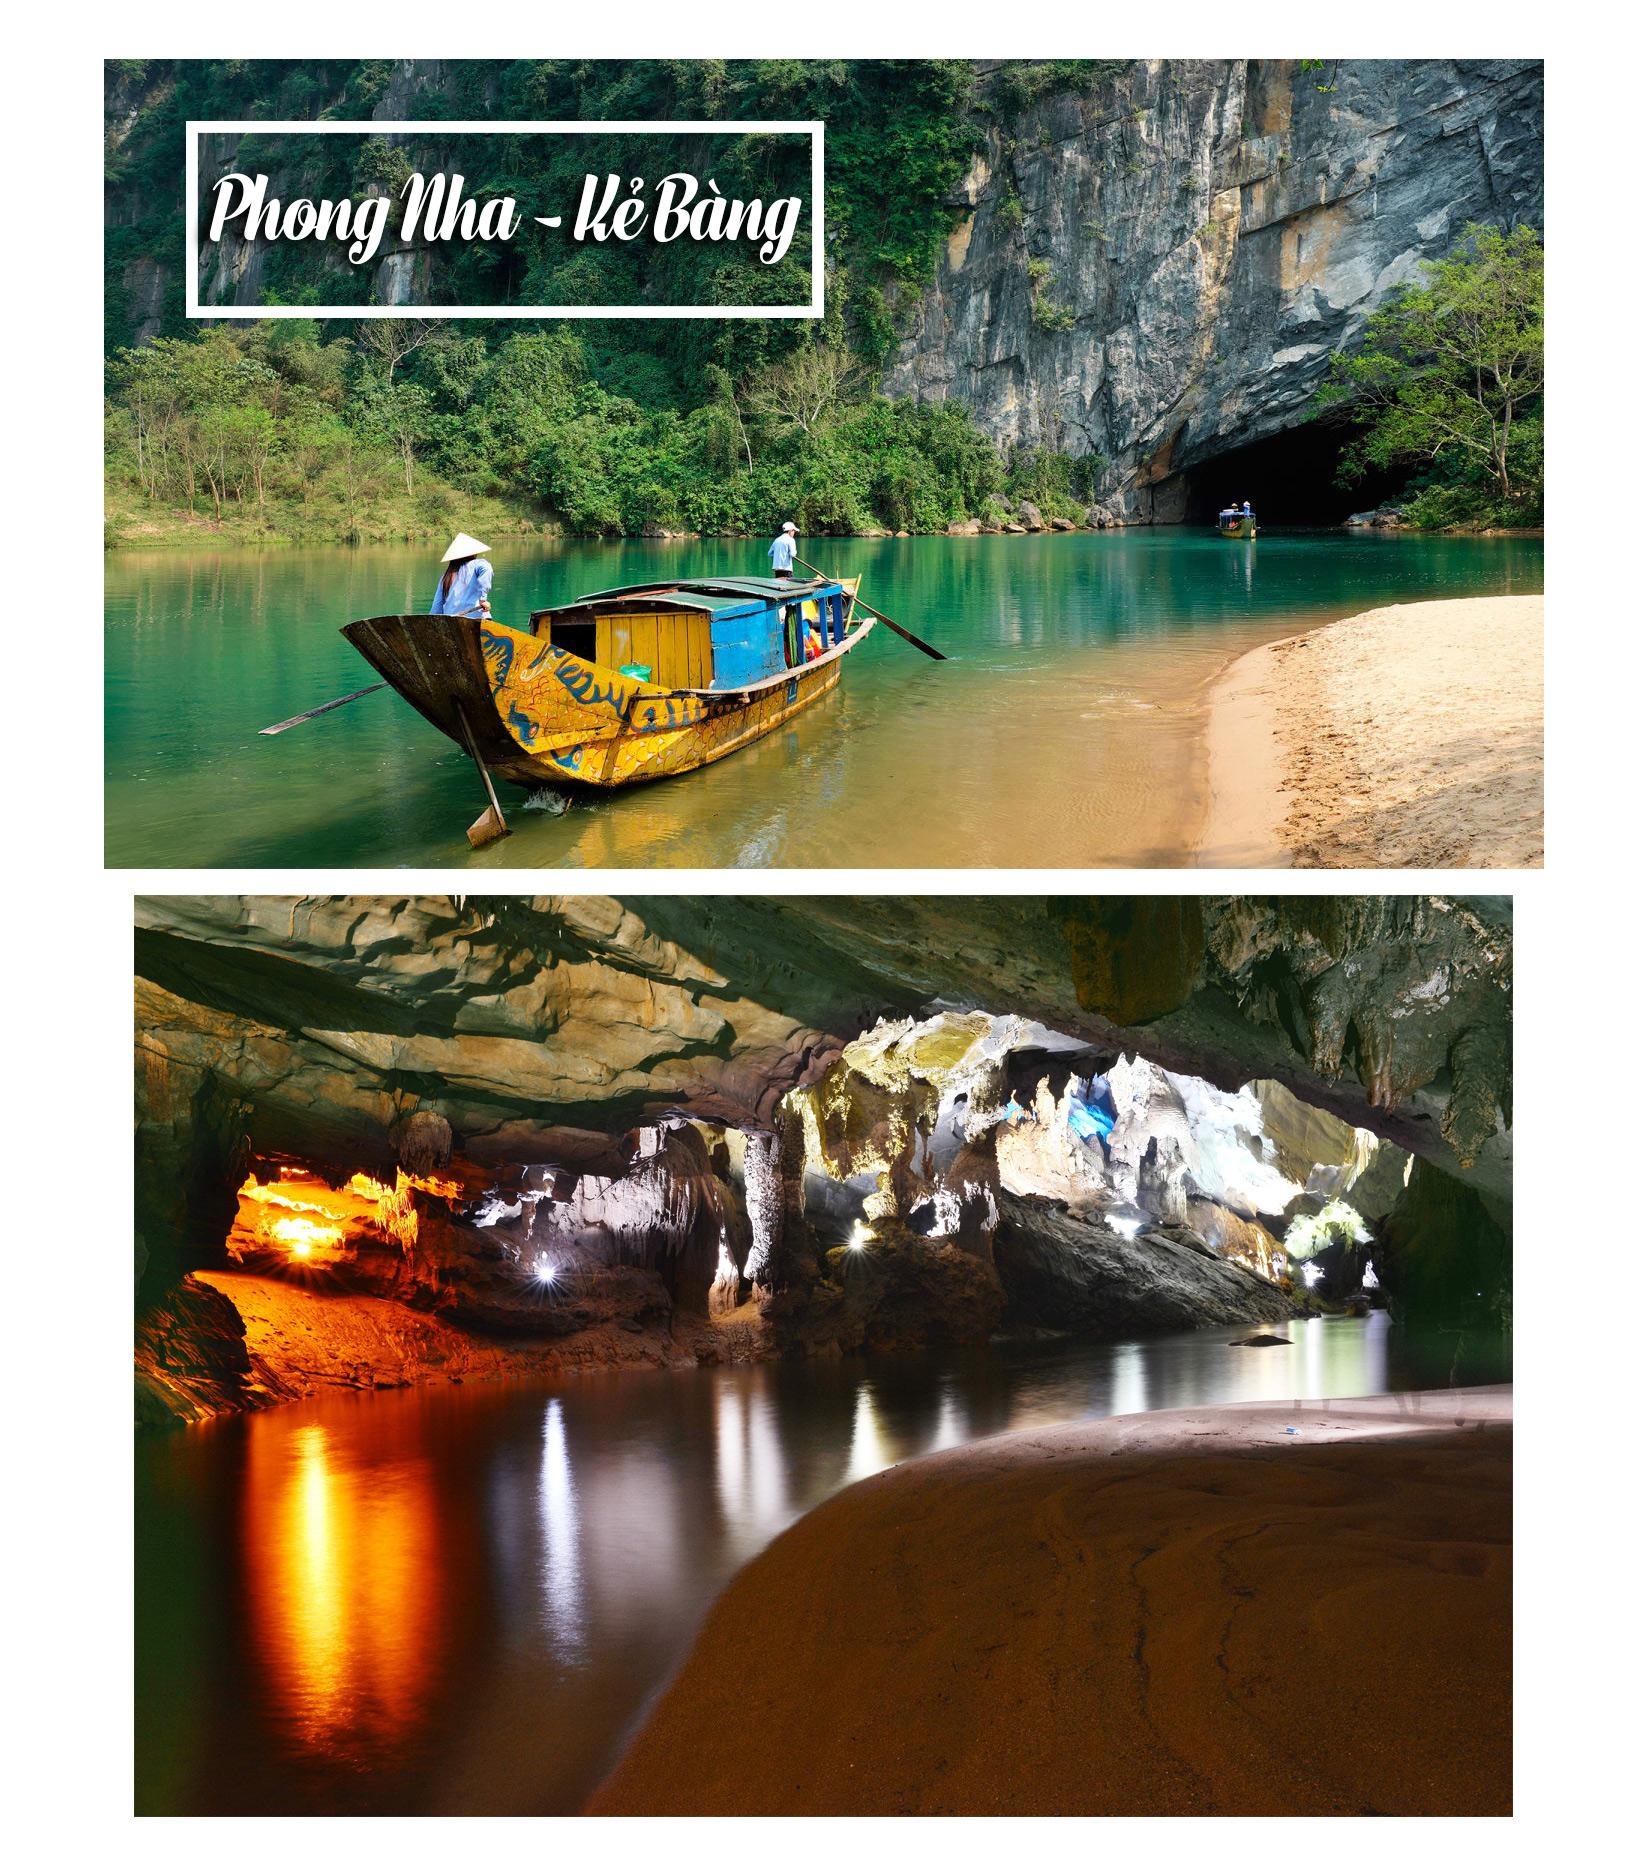 Những phong cảnh đẹp ở Việt Nam được du khách Tây yêu thích - 2